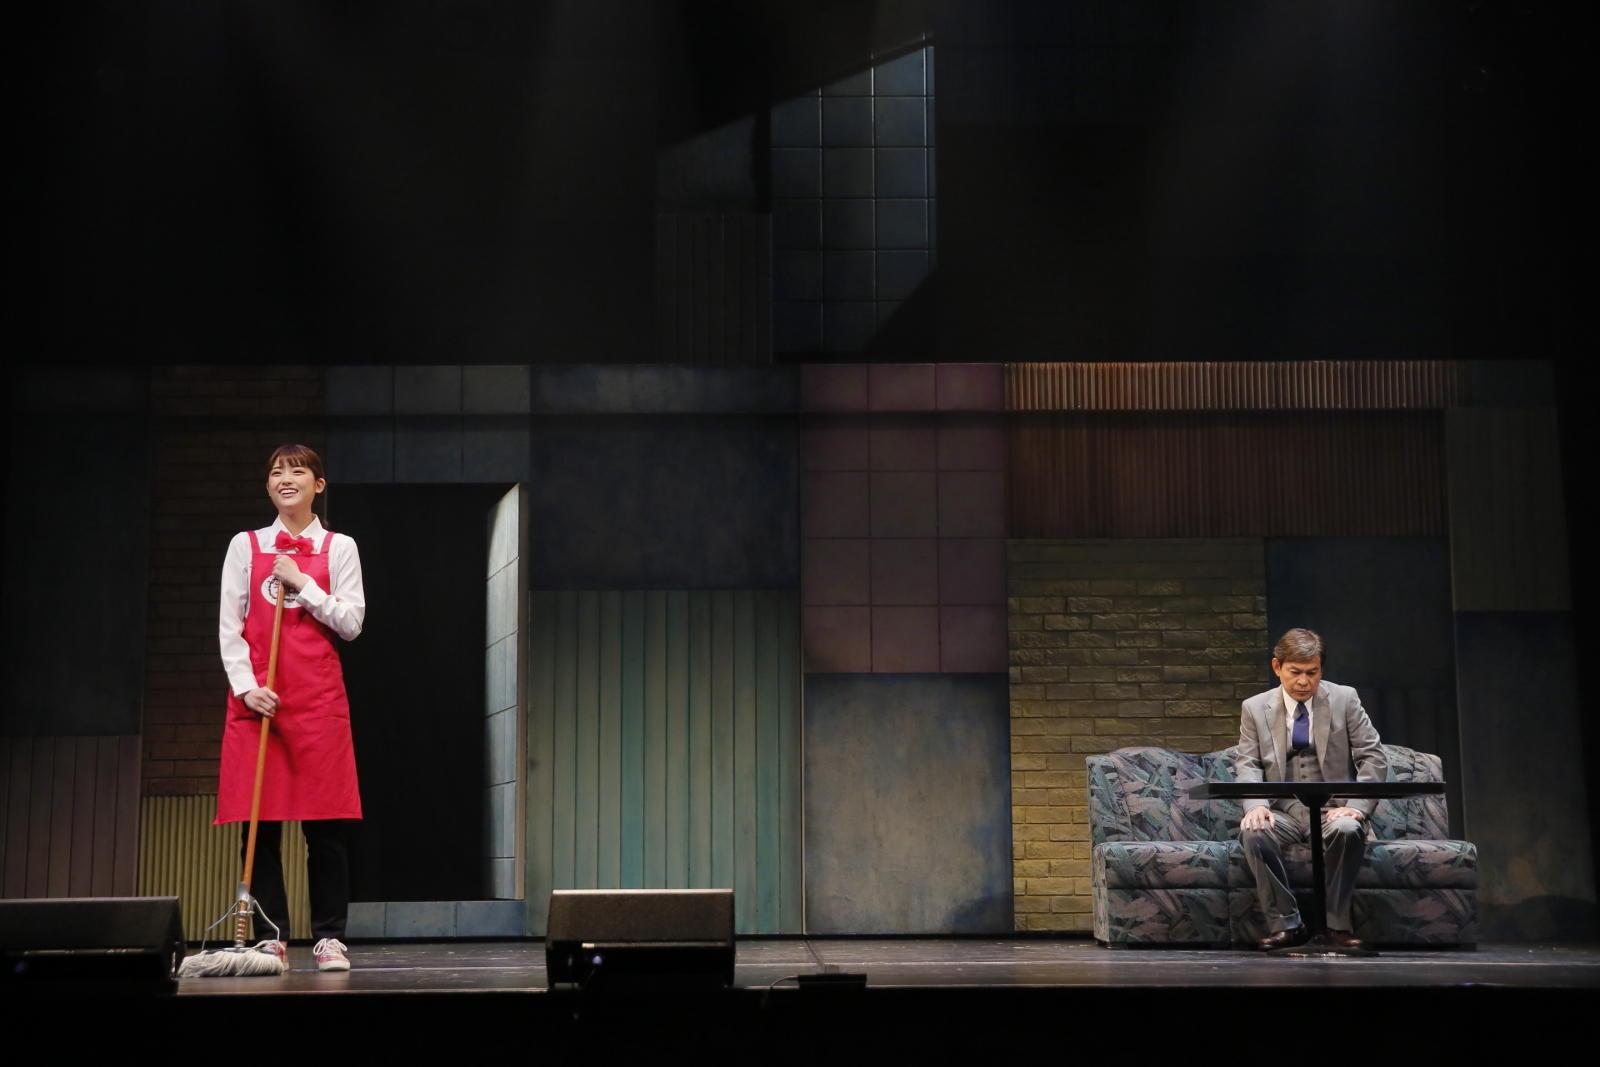 http://news.yoshimoto.co.jp/20170715204908-294805b072a77bc4ca4c5aa9d81eda36e20fb369.jpg